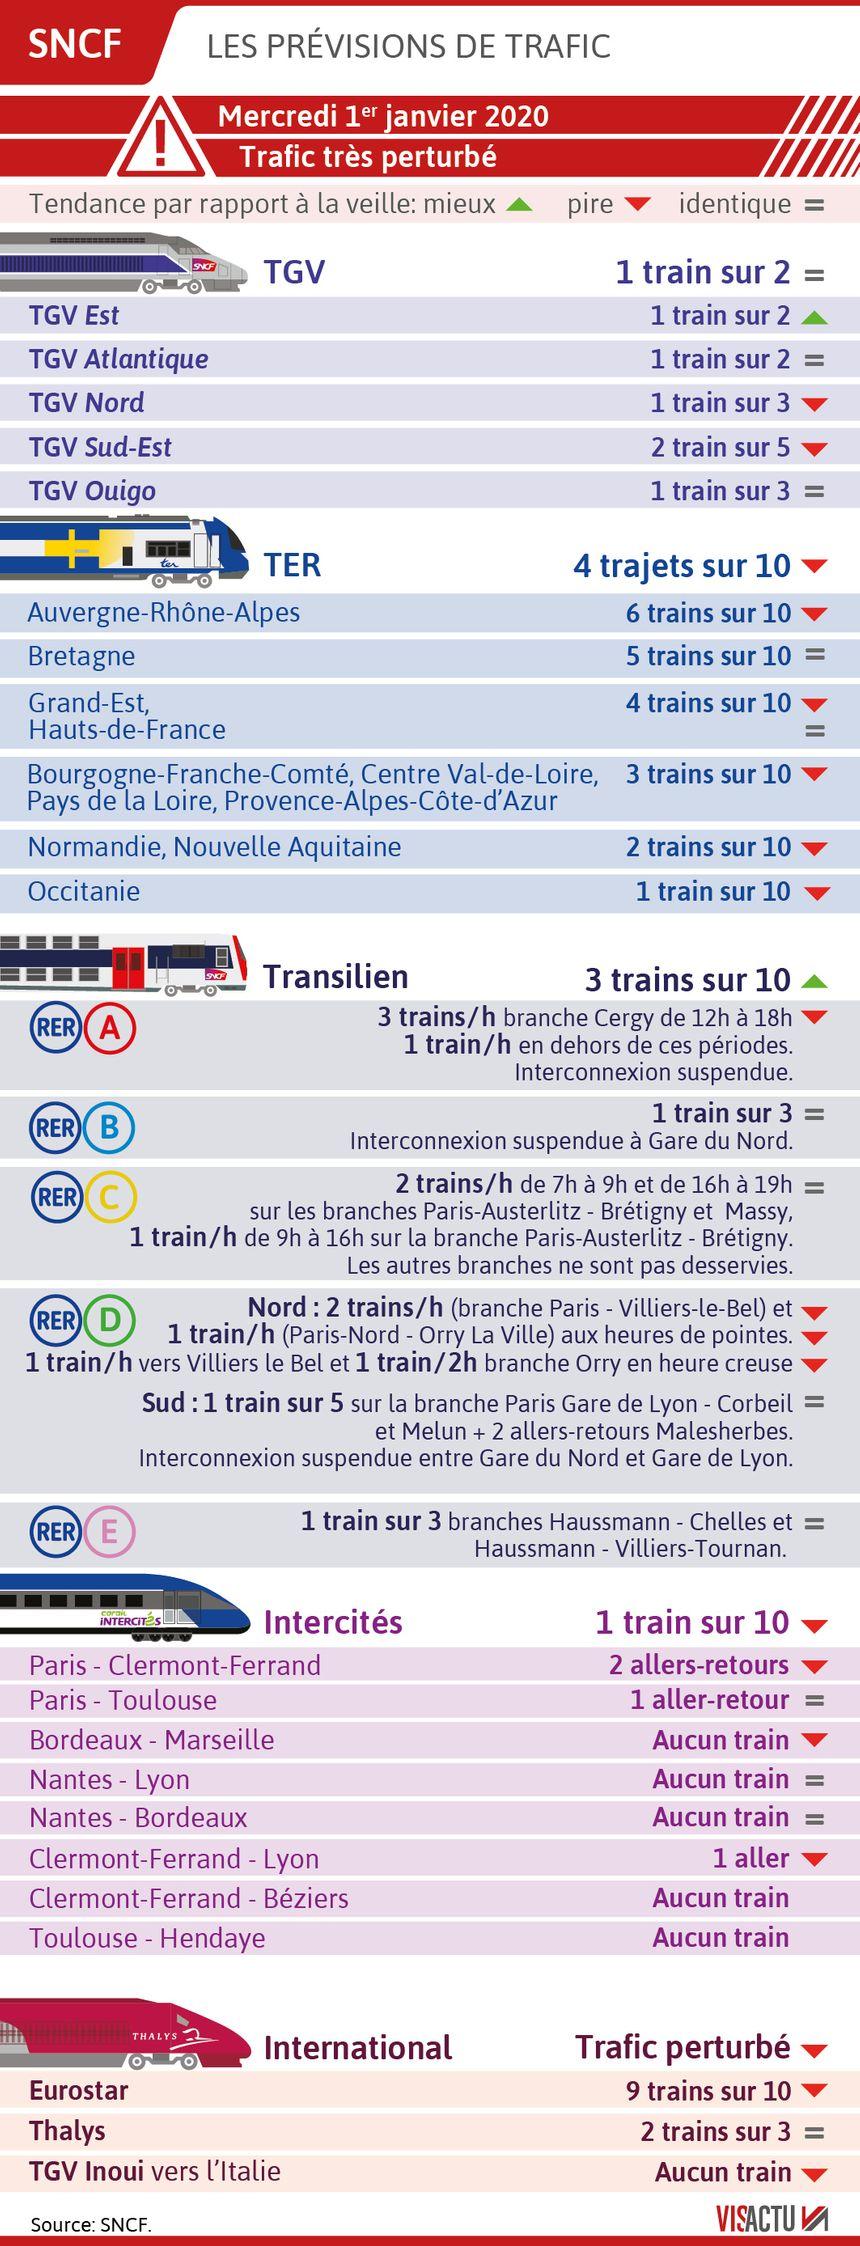 SNCF : les prévisions de circulation pour le 1er janvier 2020